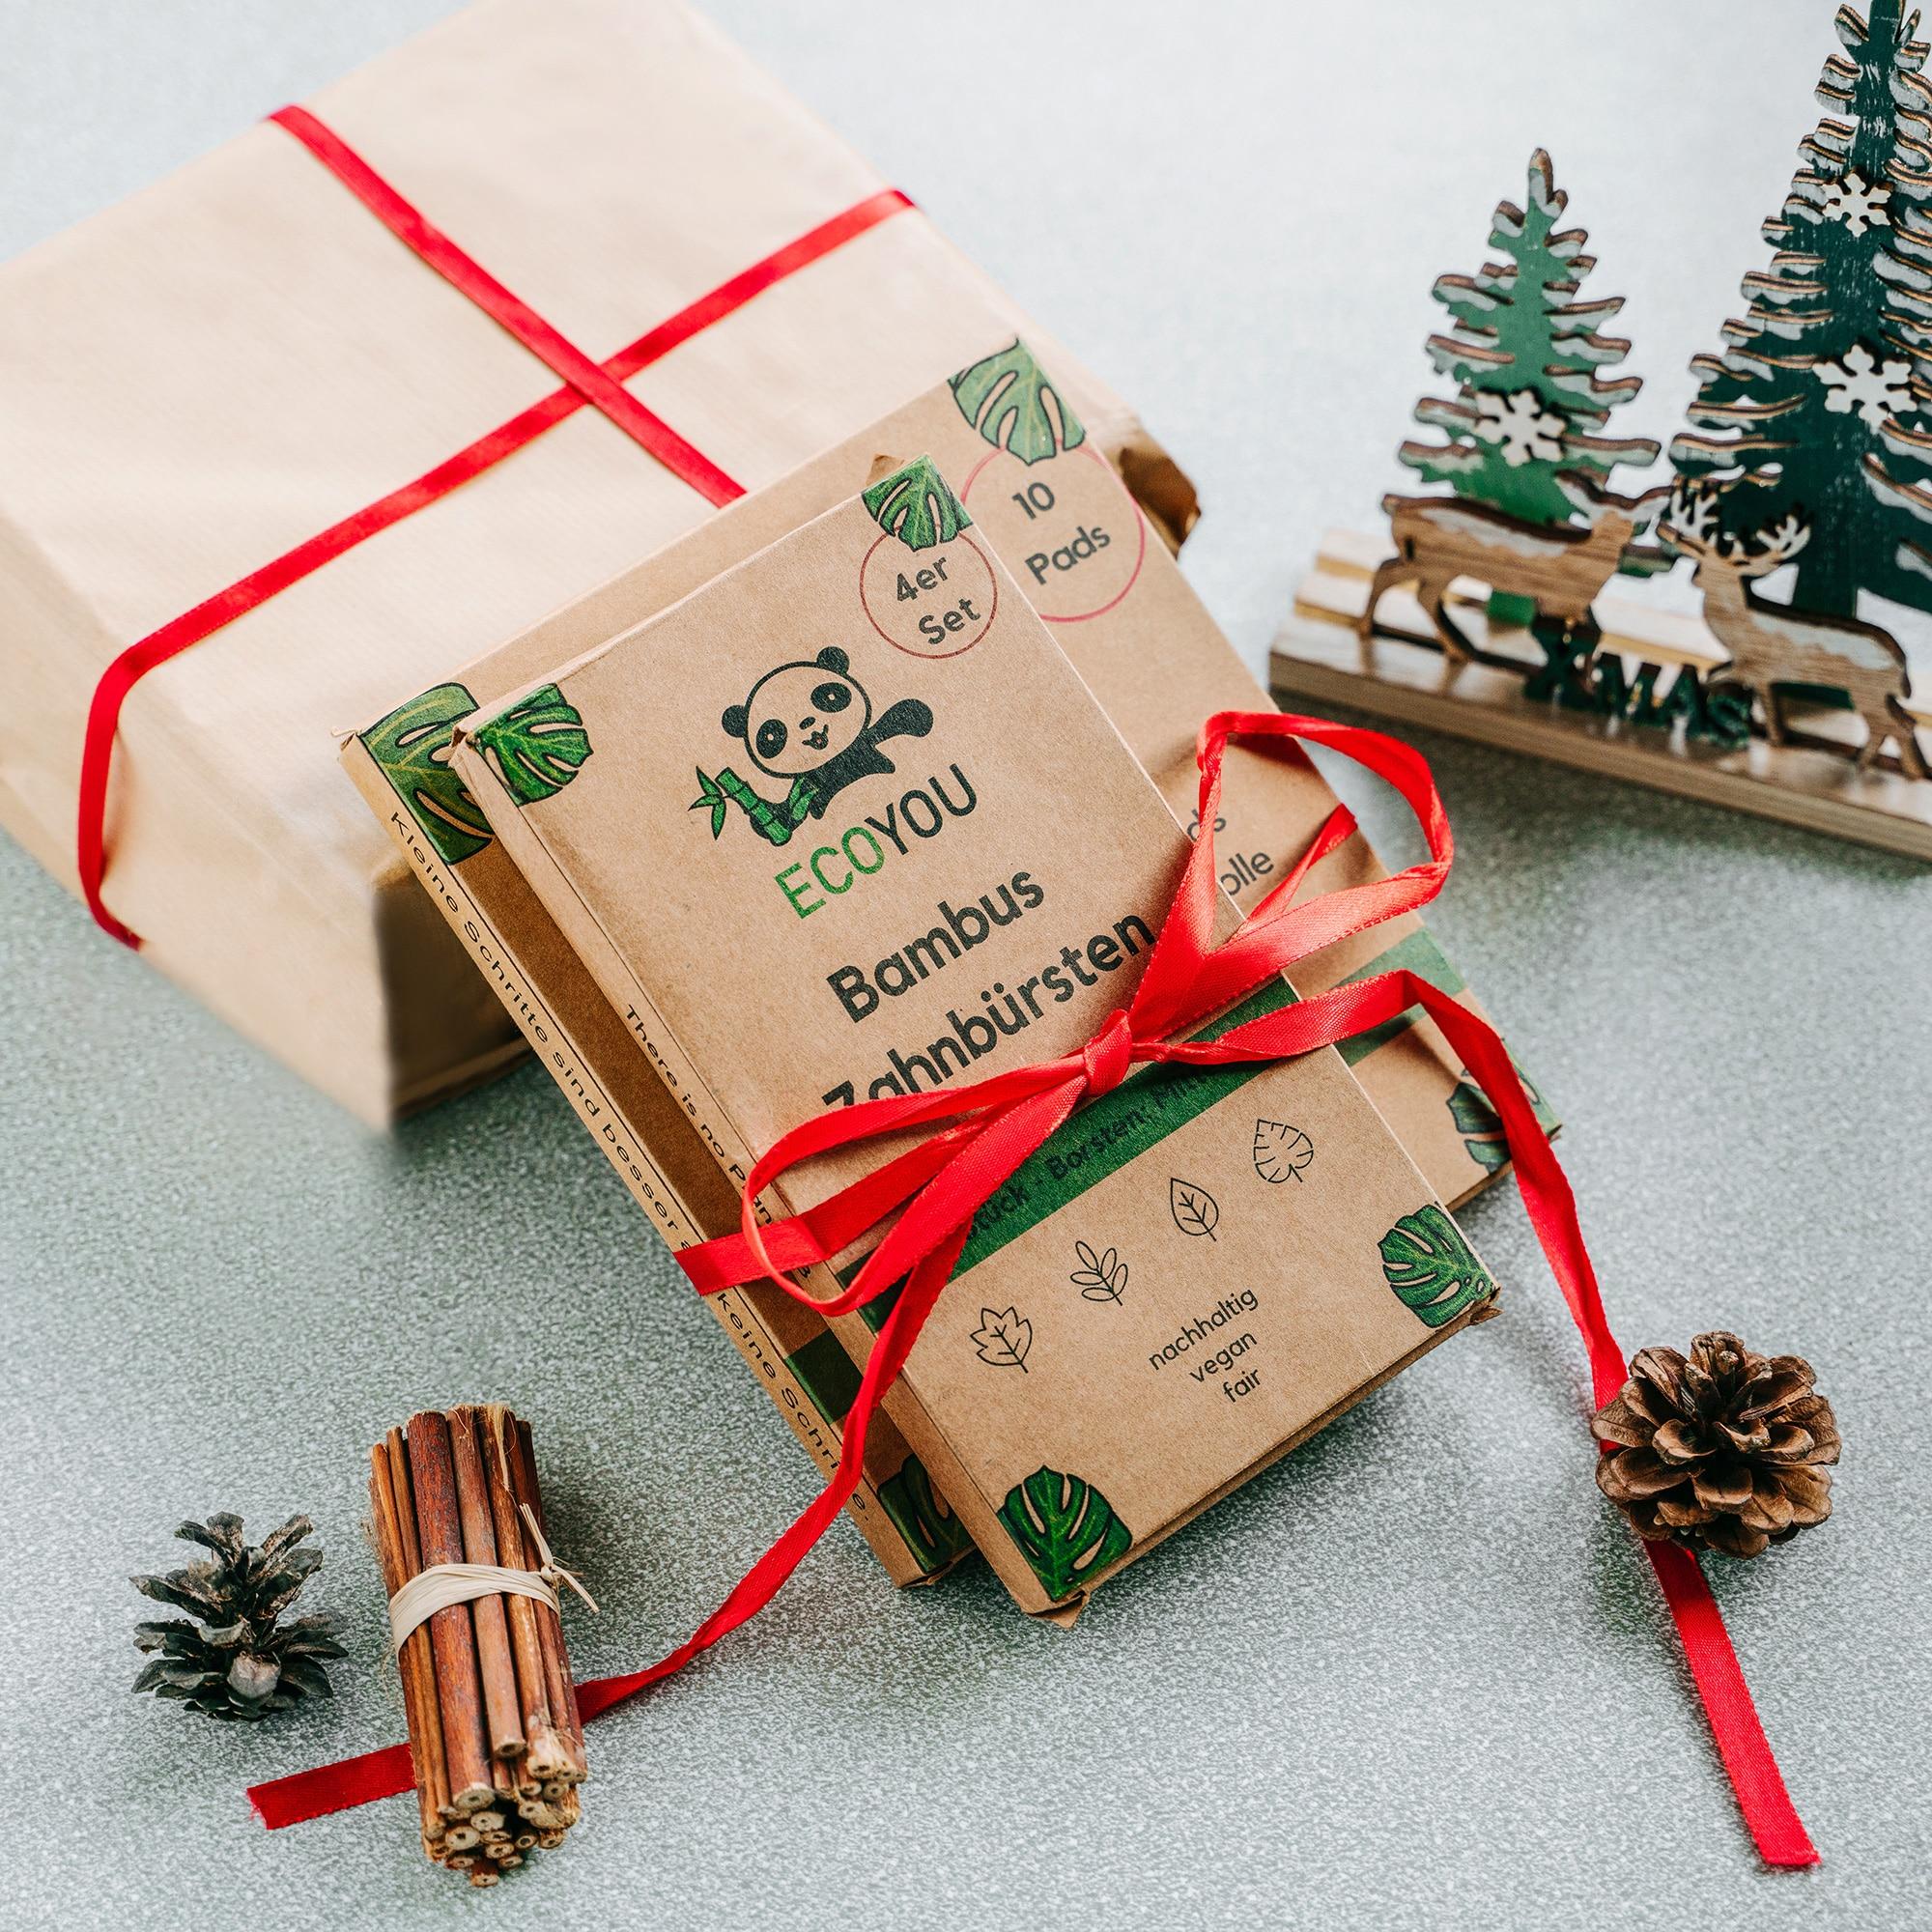 Nachhaltige Geschenke Verpacken Verpackung Geschenkverpackung DIY Natur Gemüsebeutel EcoYou plastikfrei einkaufen ohne Plastik Weihnachten 2020